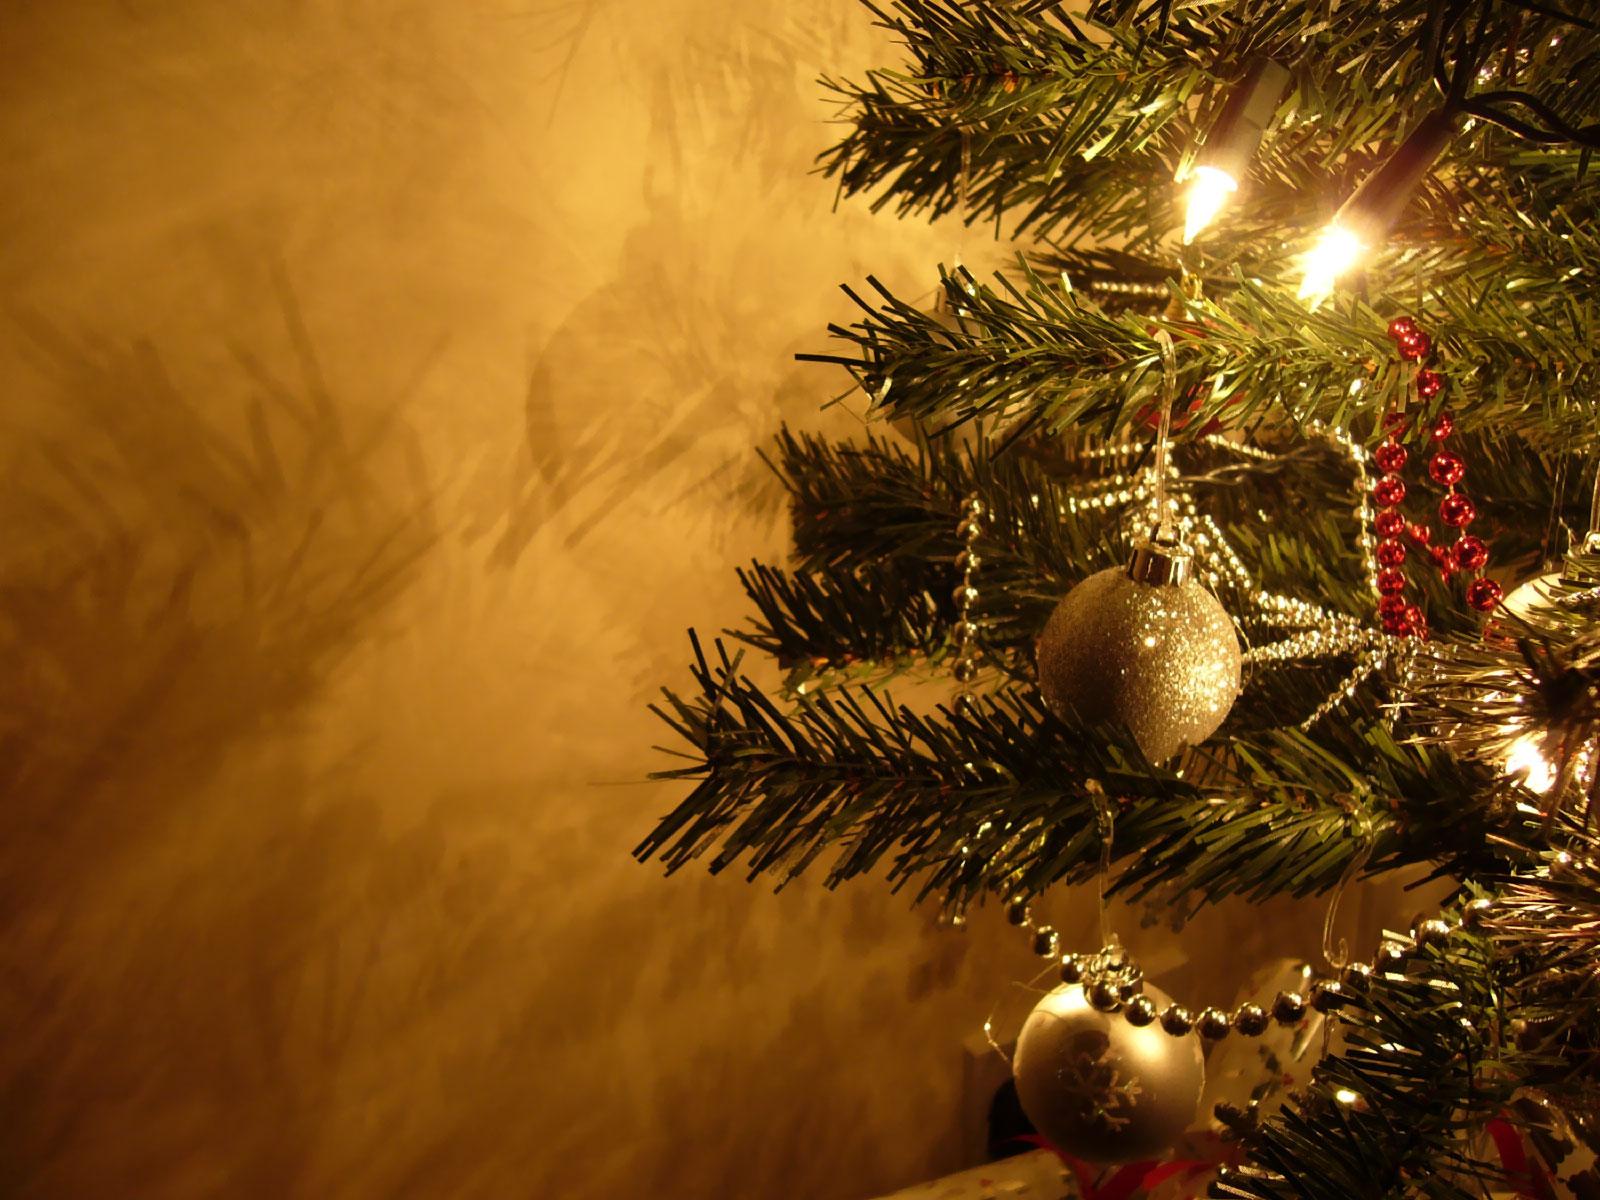 imagenes de animales de navidad - 17 imágenes del lado más excéntrico de los animales en